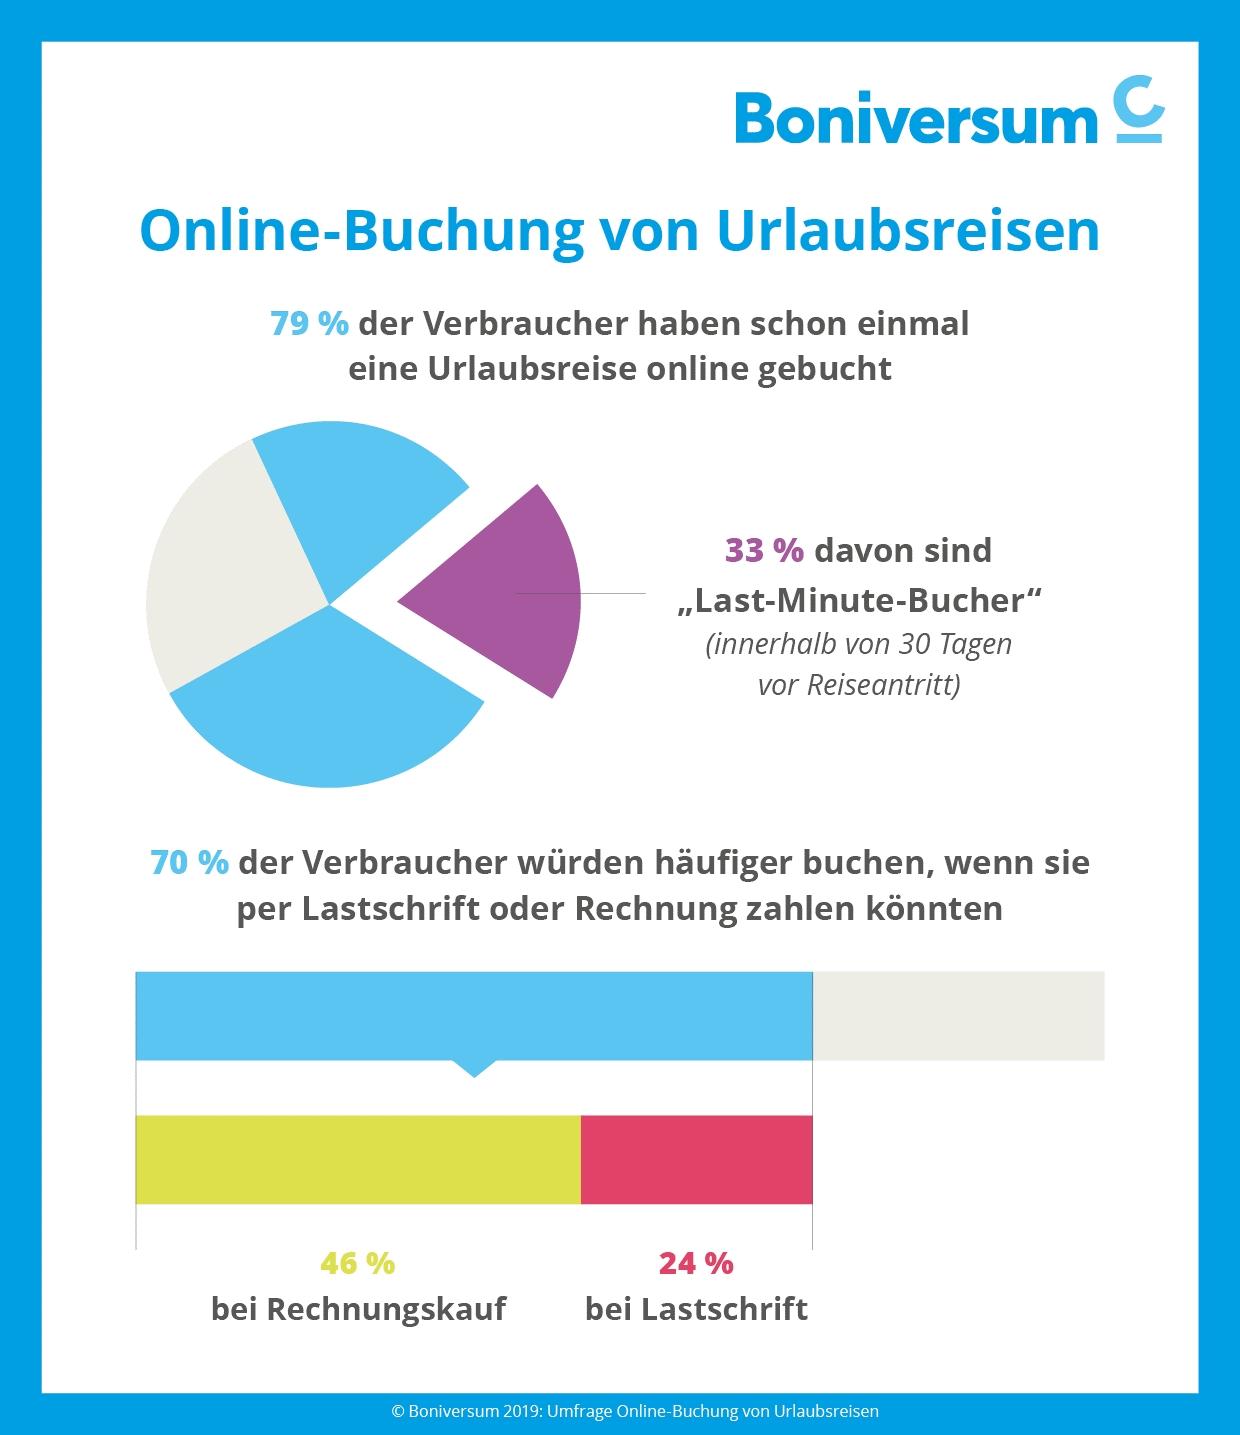 Verbraucherumfrage von Boniversum: Urlaubsreisen bucht der Deutsche zunehmend online